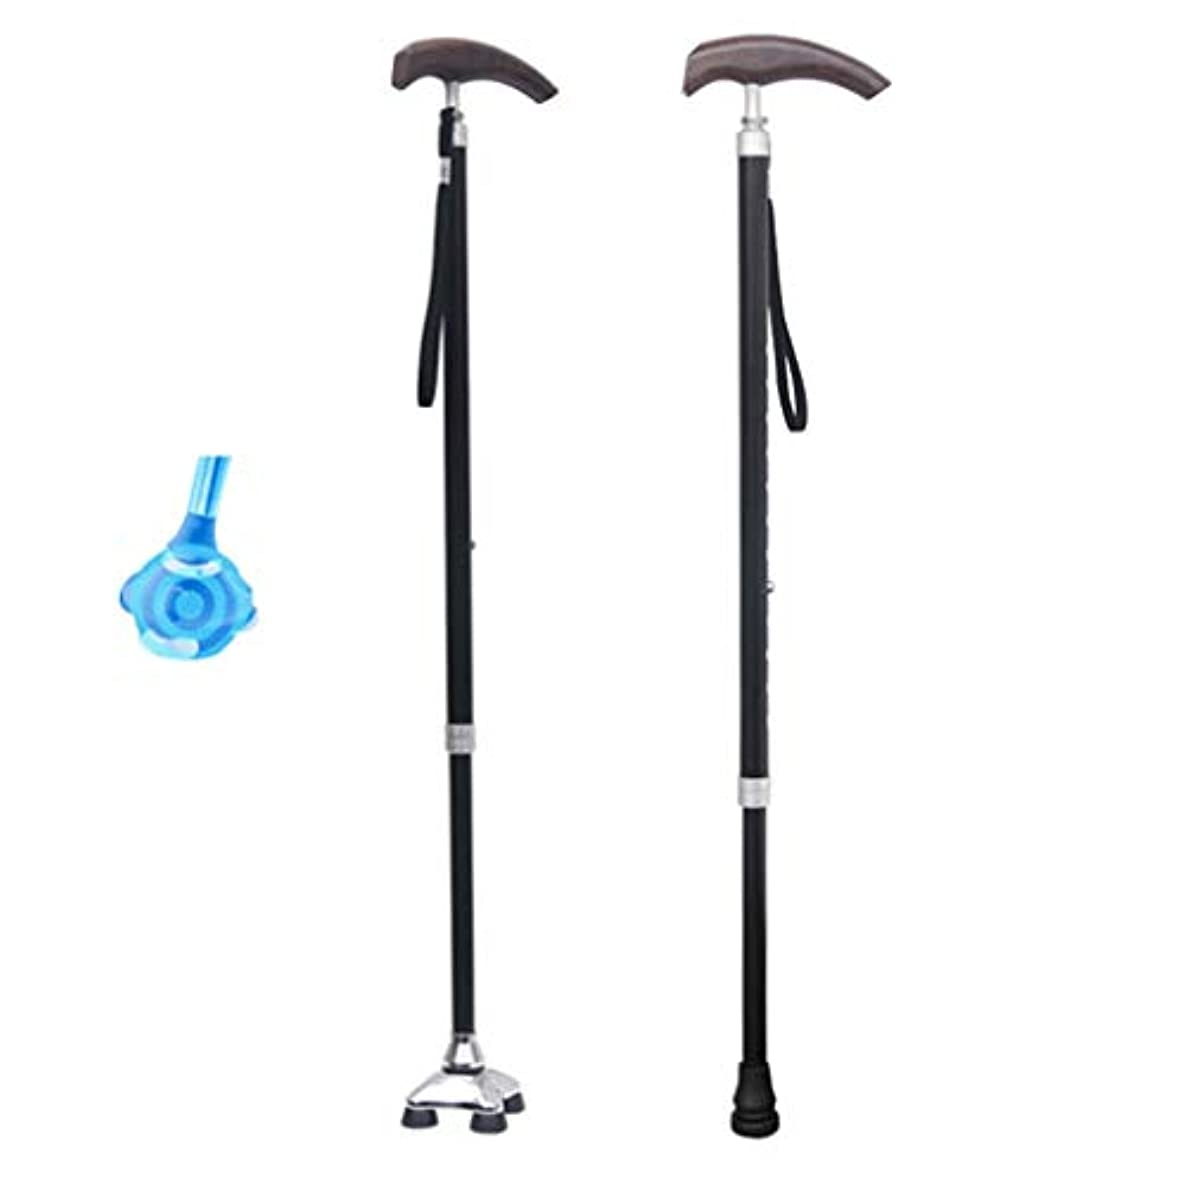 修正する発生器トロリーバス高齢者や障害者、ノンスリップ杖、軽量松葉杖のため松葉杖、調節可能な松葉杖、アルミ合金松葉杖、松葉杖。